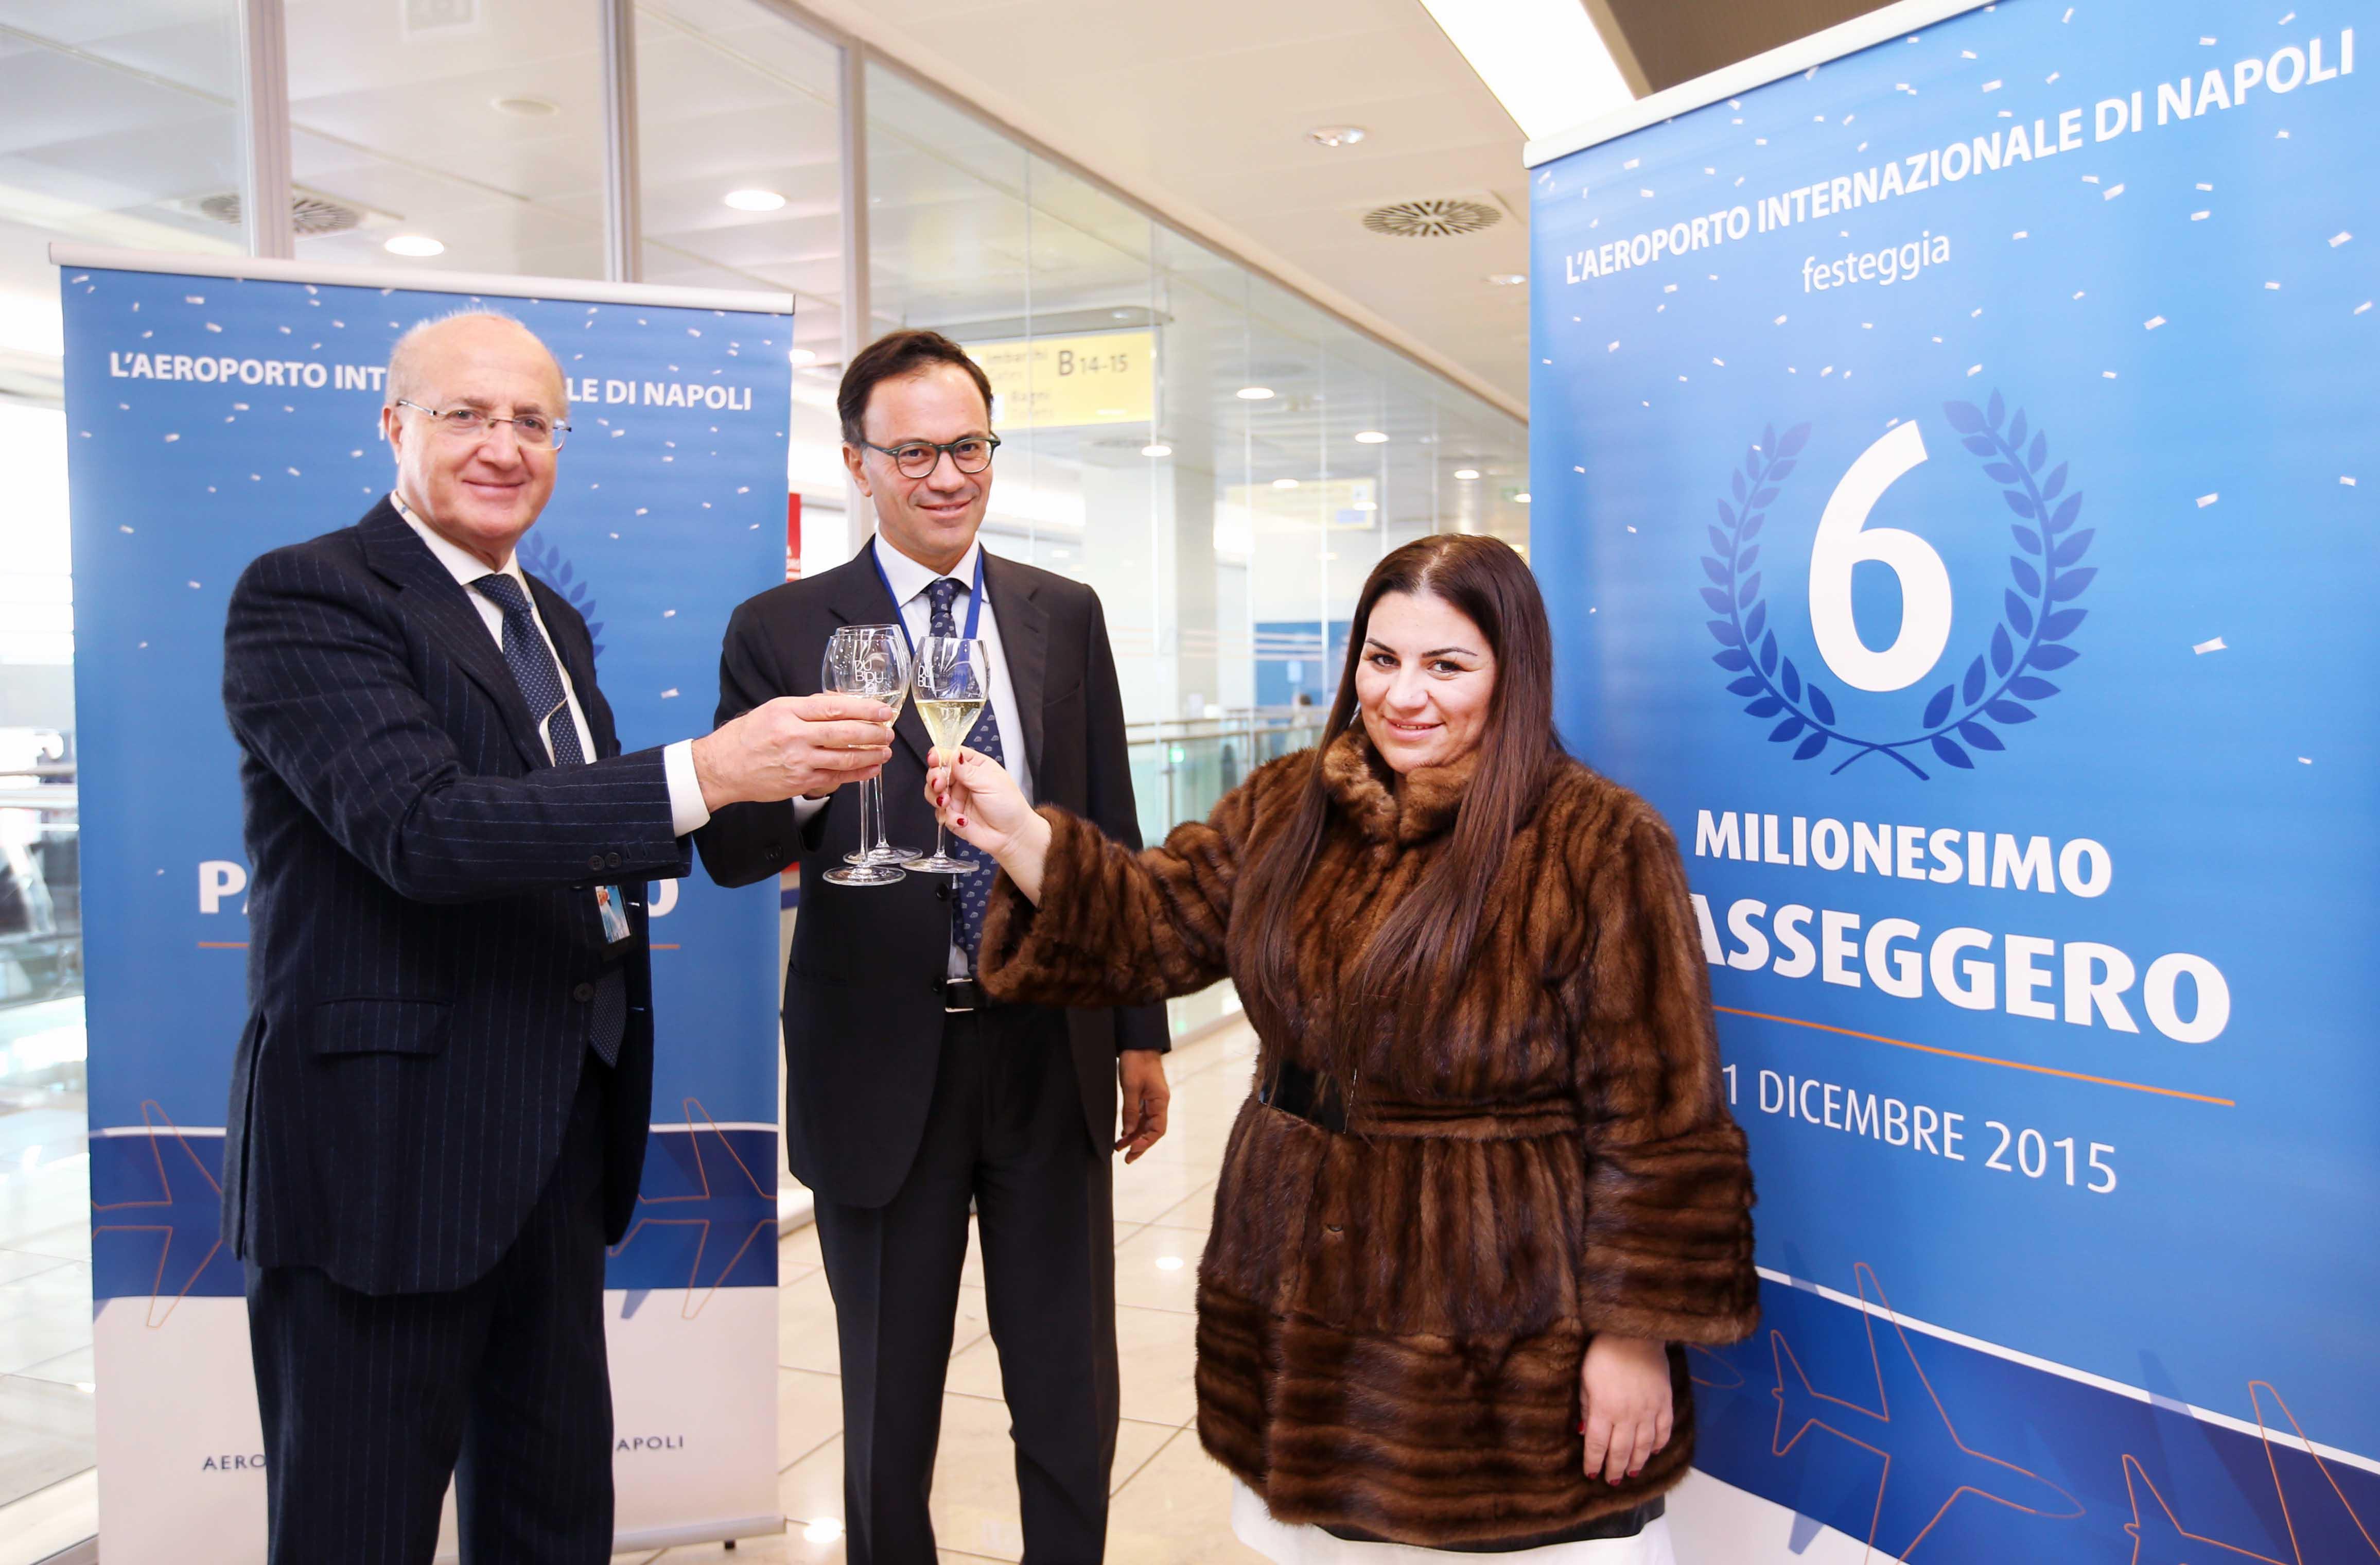 L'aeroporto di Napoli Capodichino festeggia il 6milionesimo passeggero